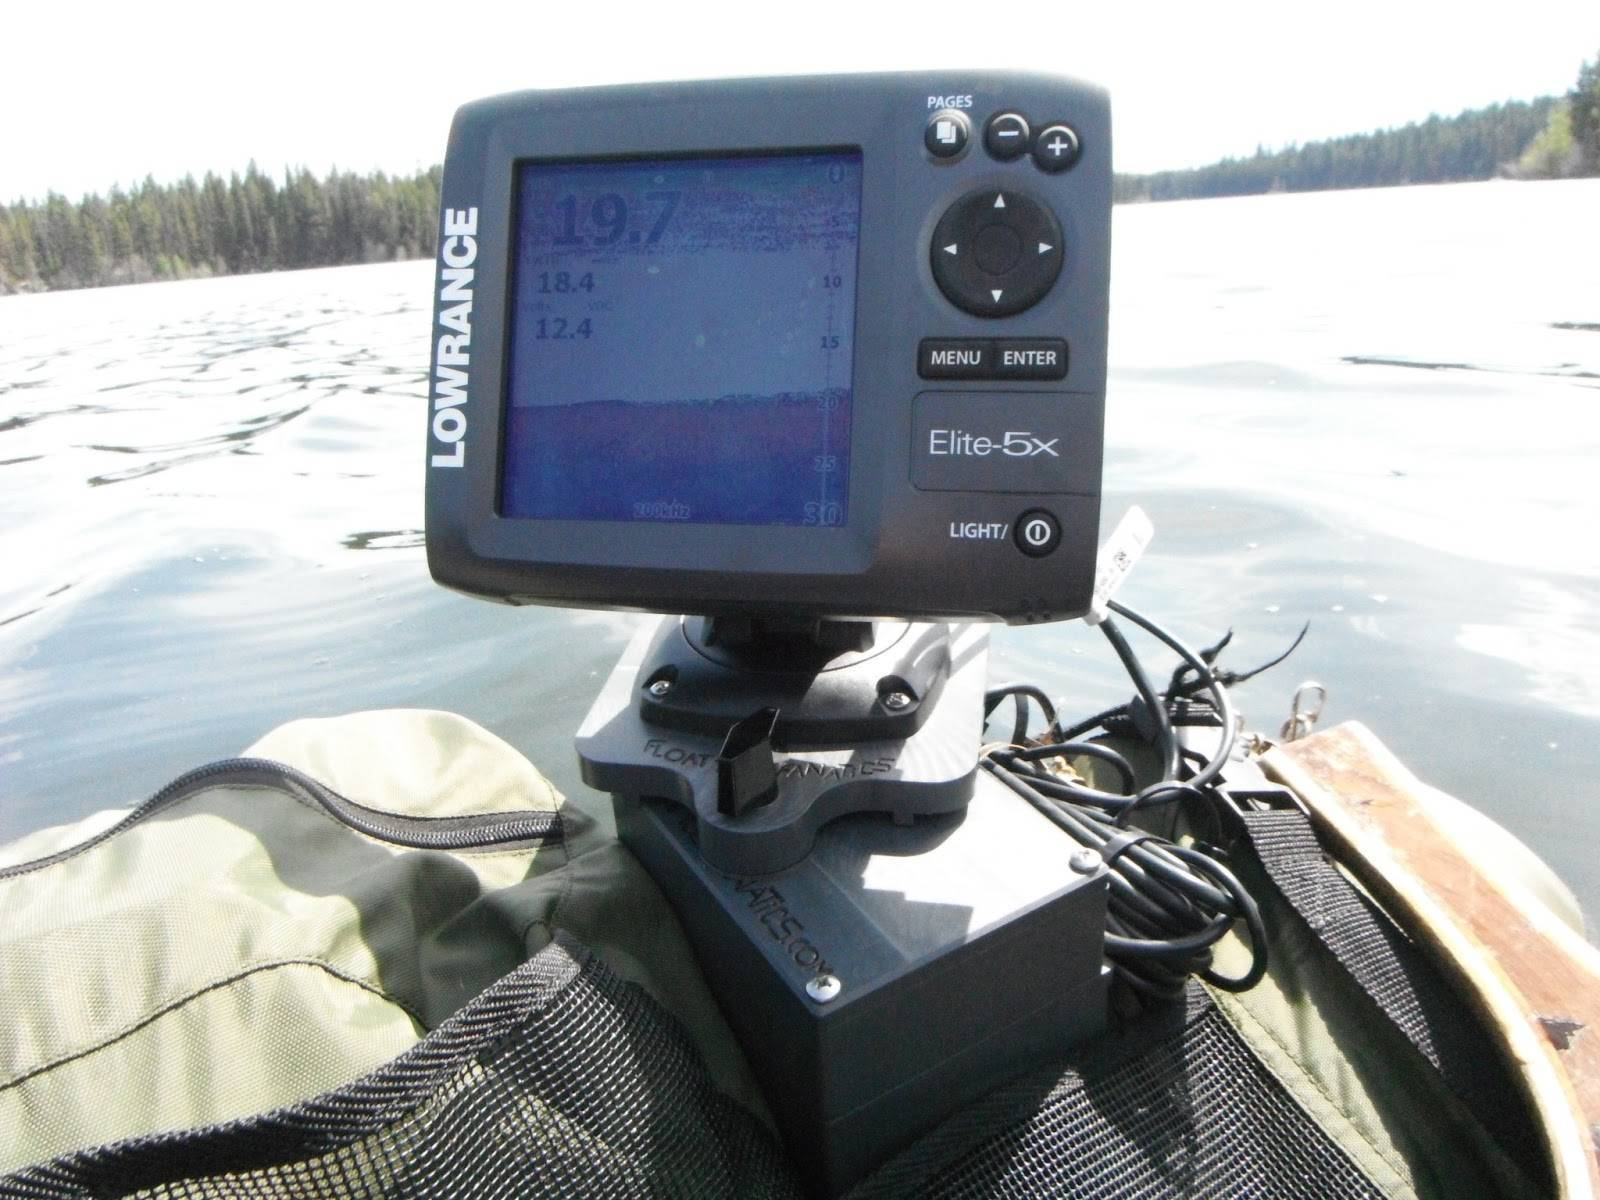 Как выбрать эхолот для рыбалки на лодку с мотором: однолучевой, трехлучевой и с gps-навигатором, выбор самого лучшего устройства и обзор с видео